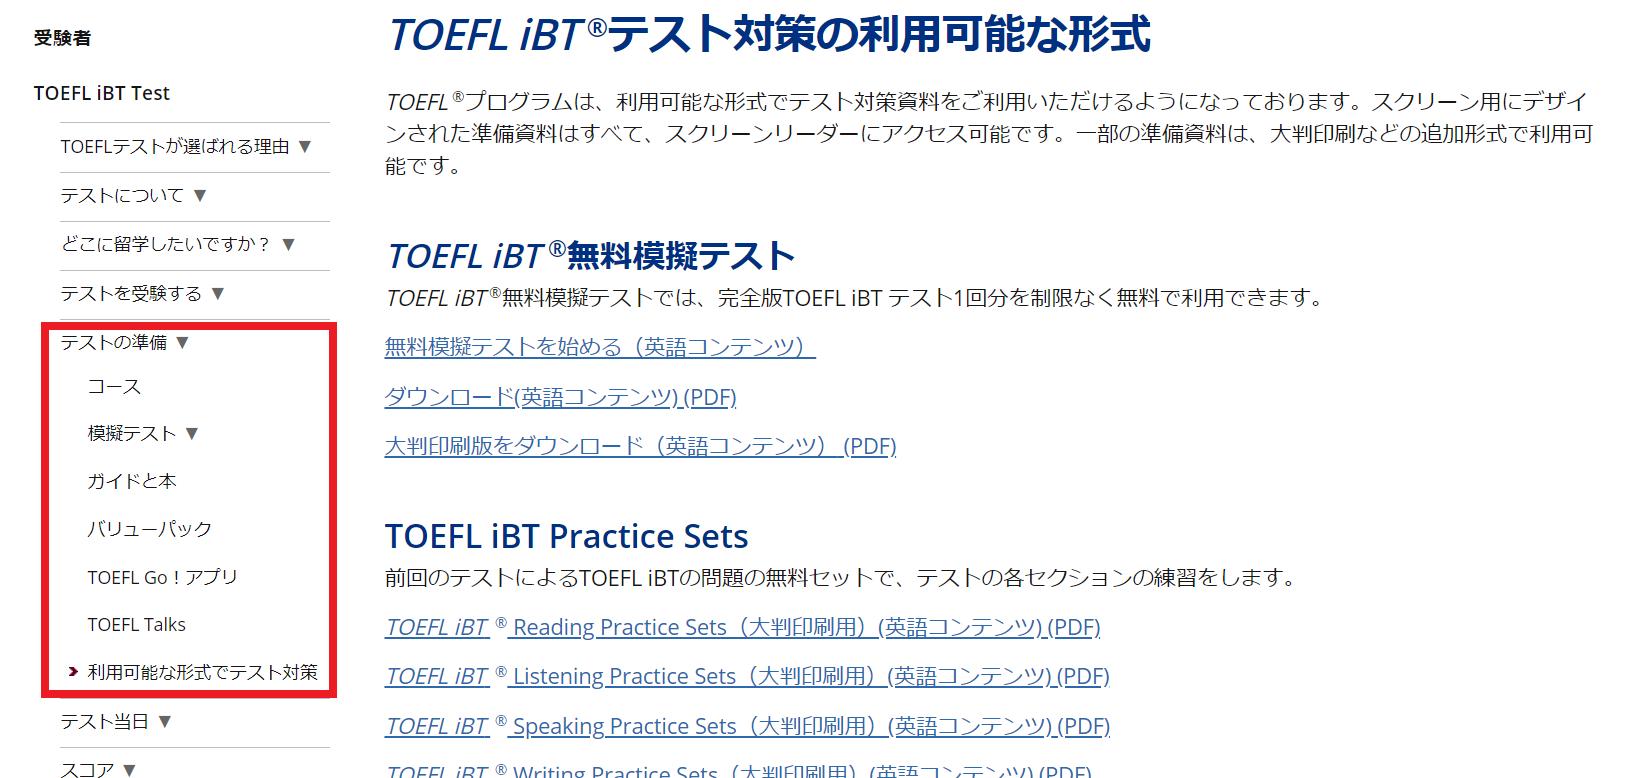 TOEFLテストの準備